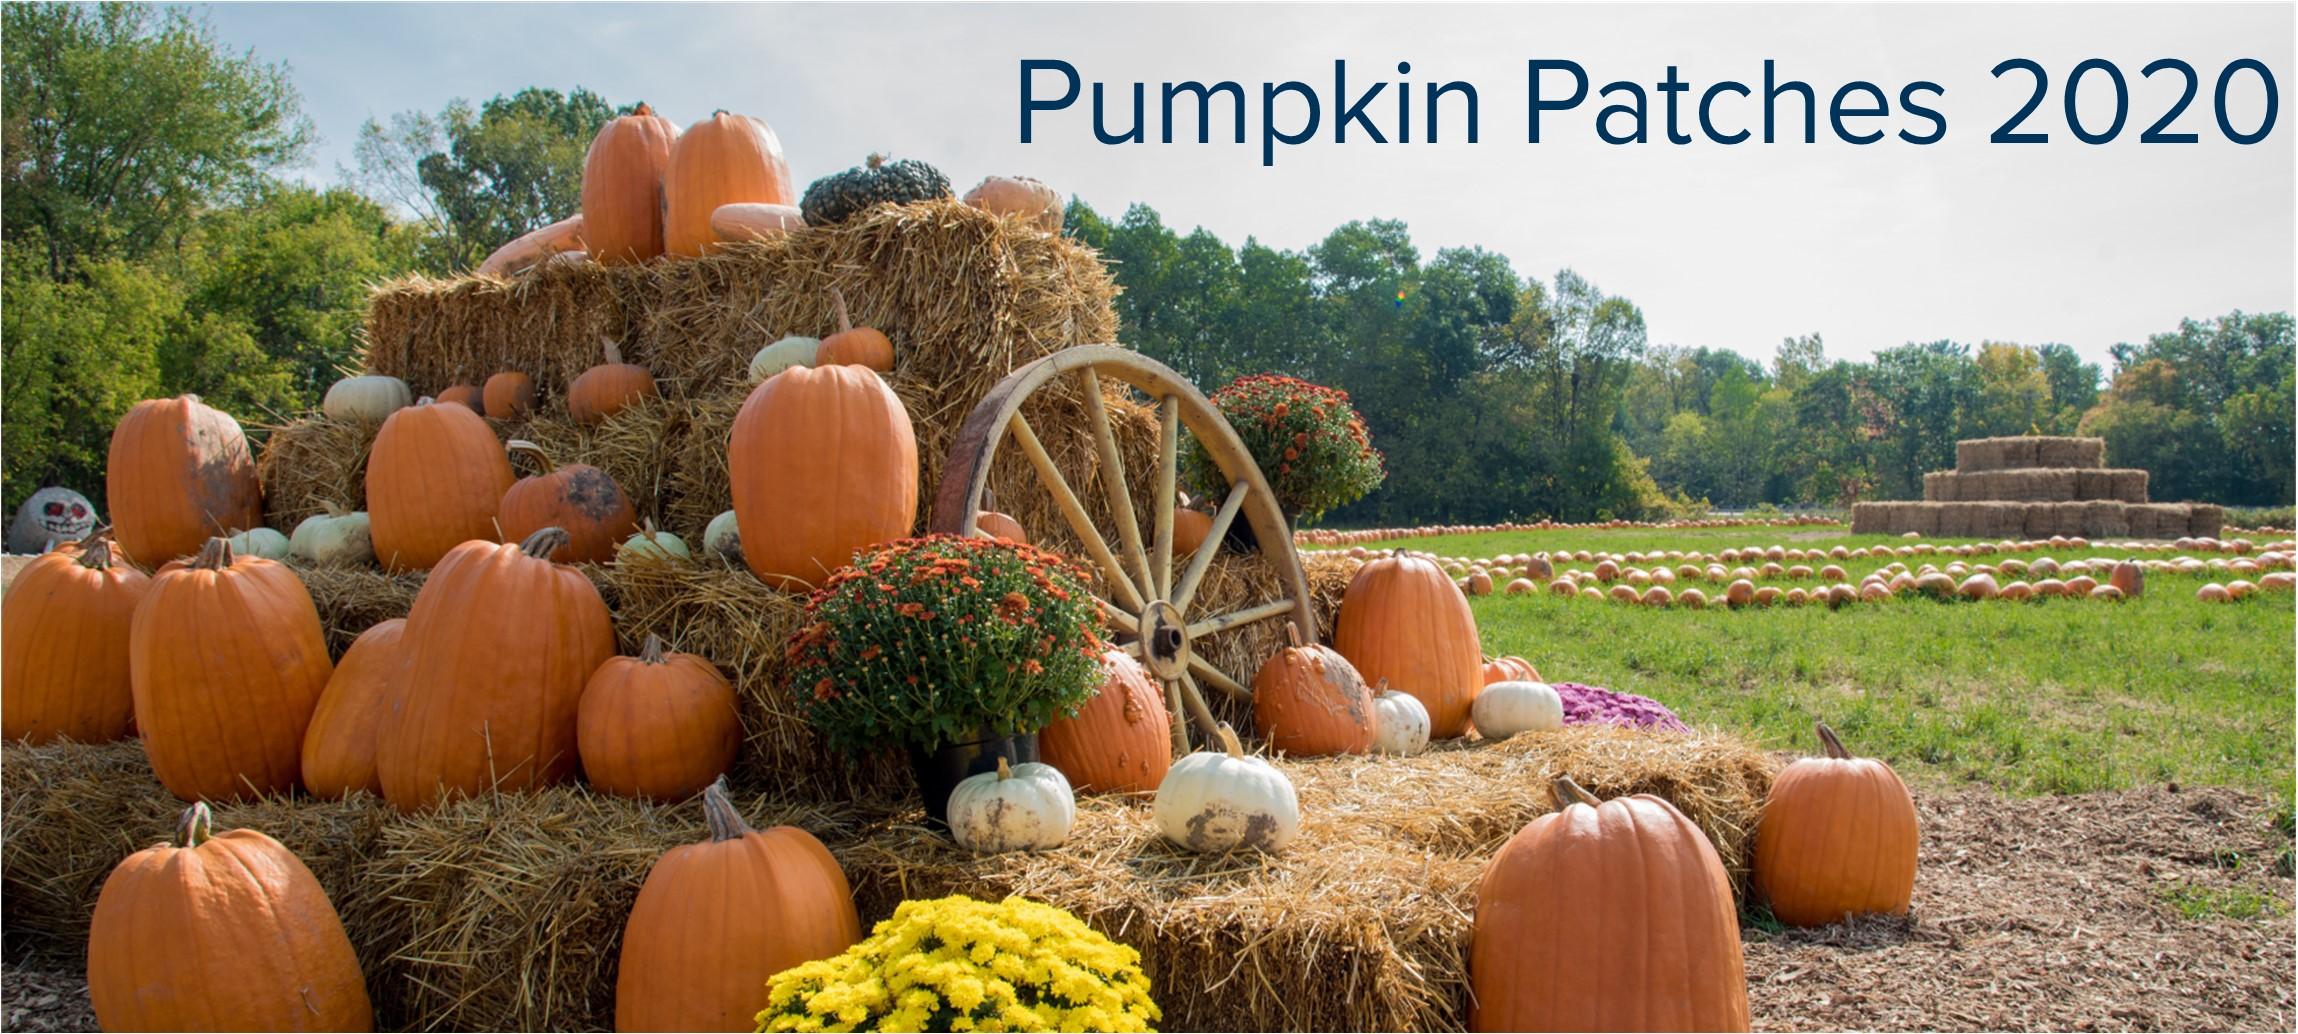 Pumpkin Patches BLOG Header.jpg